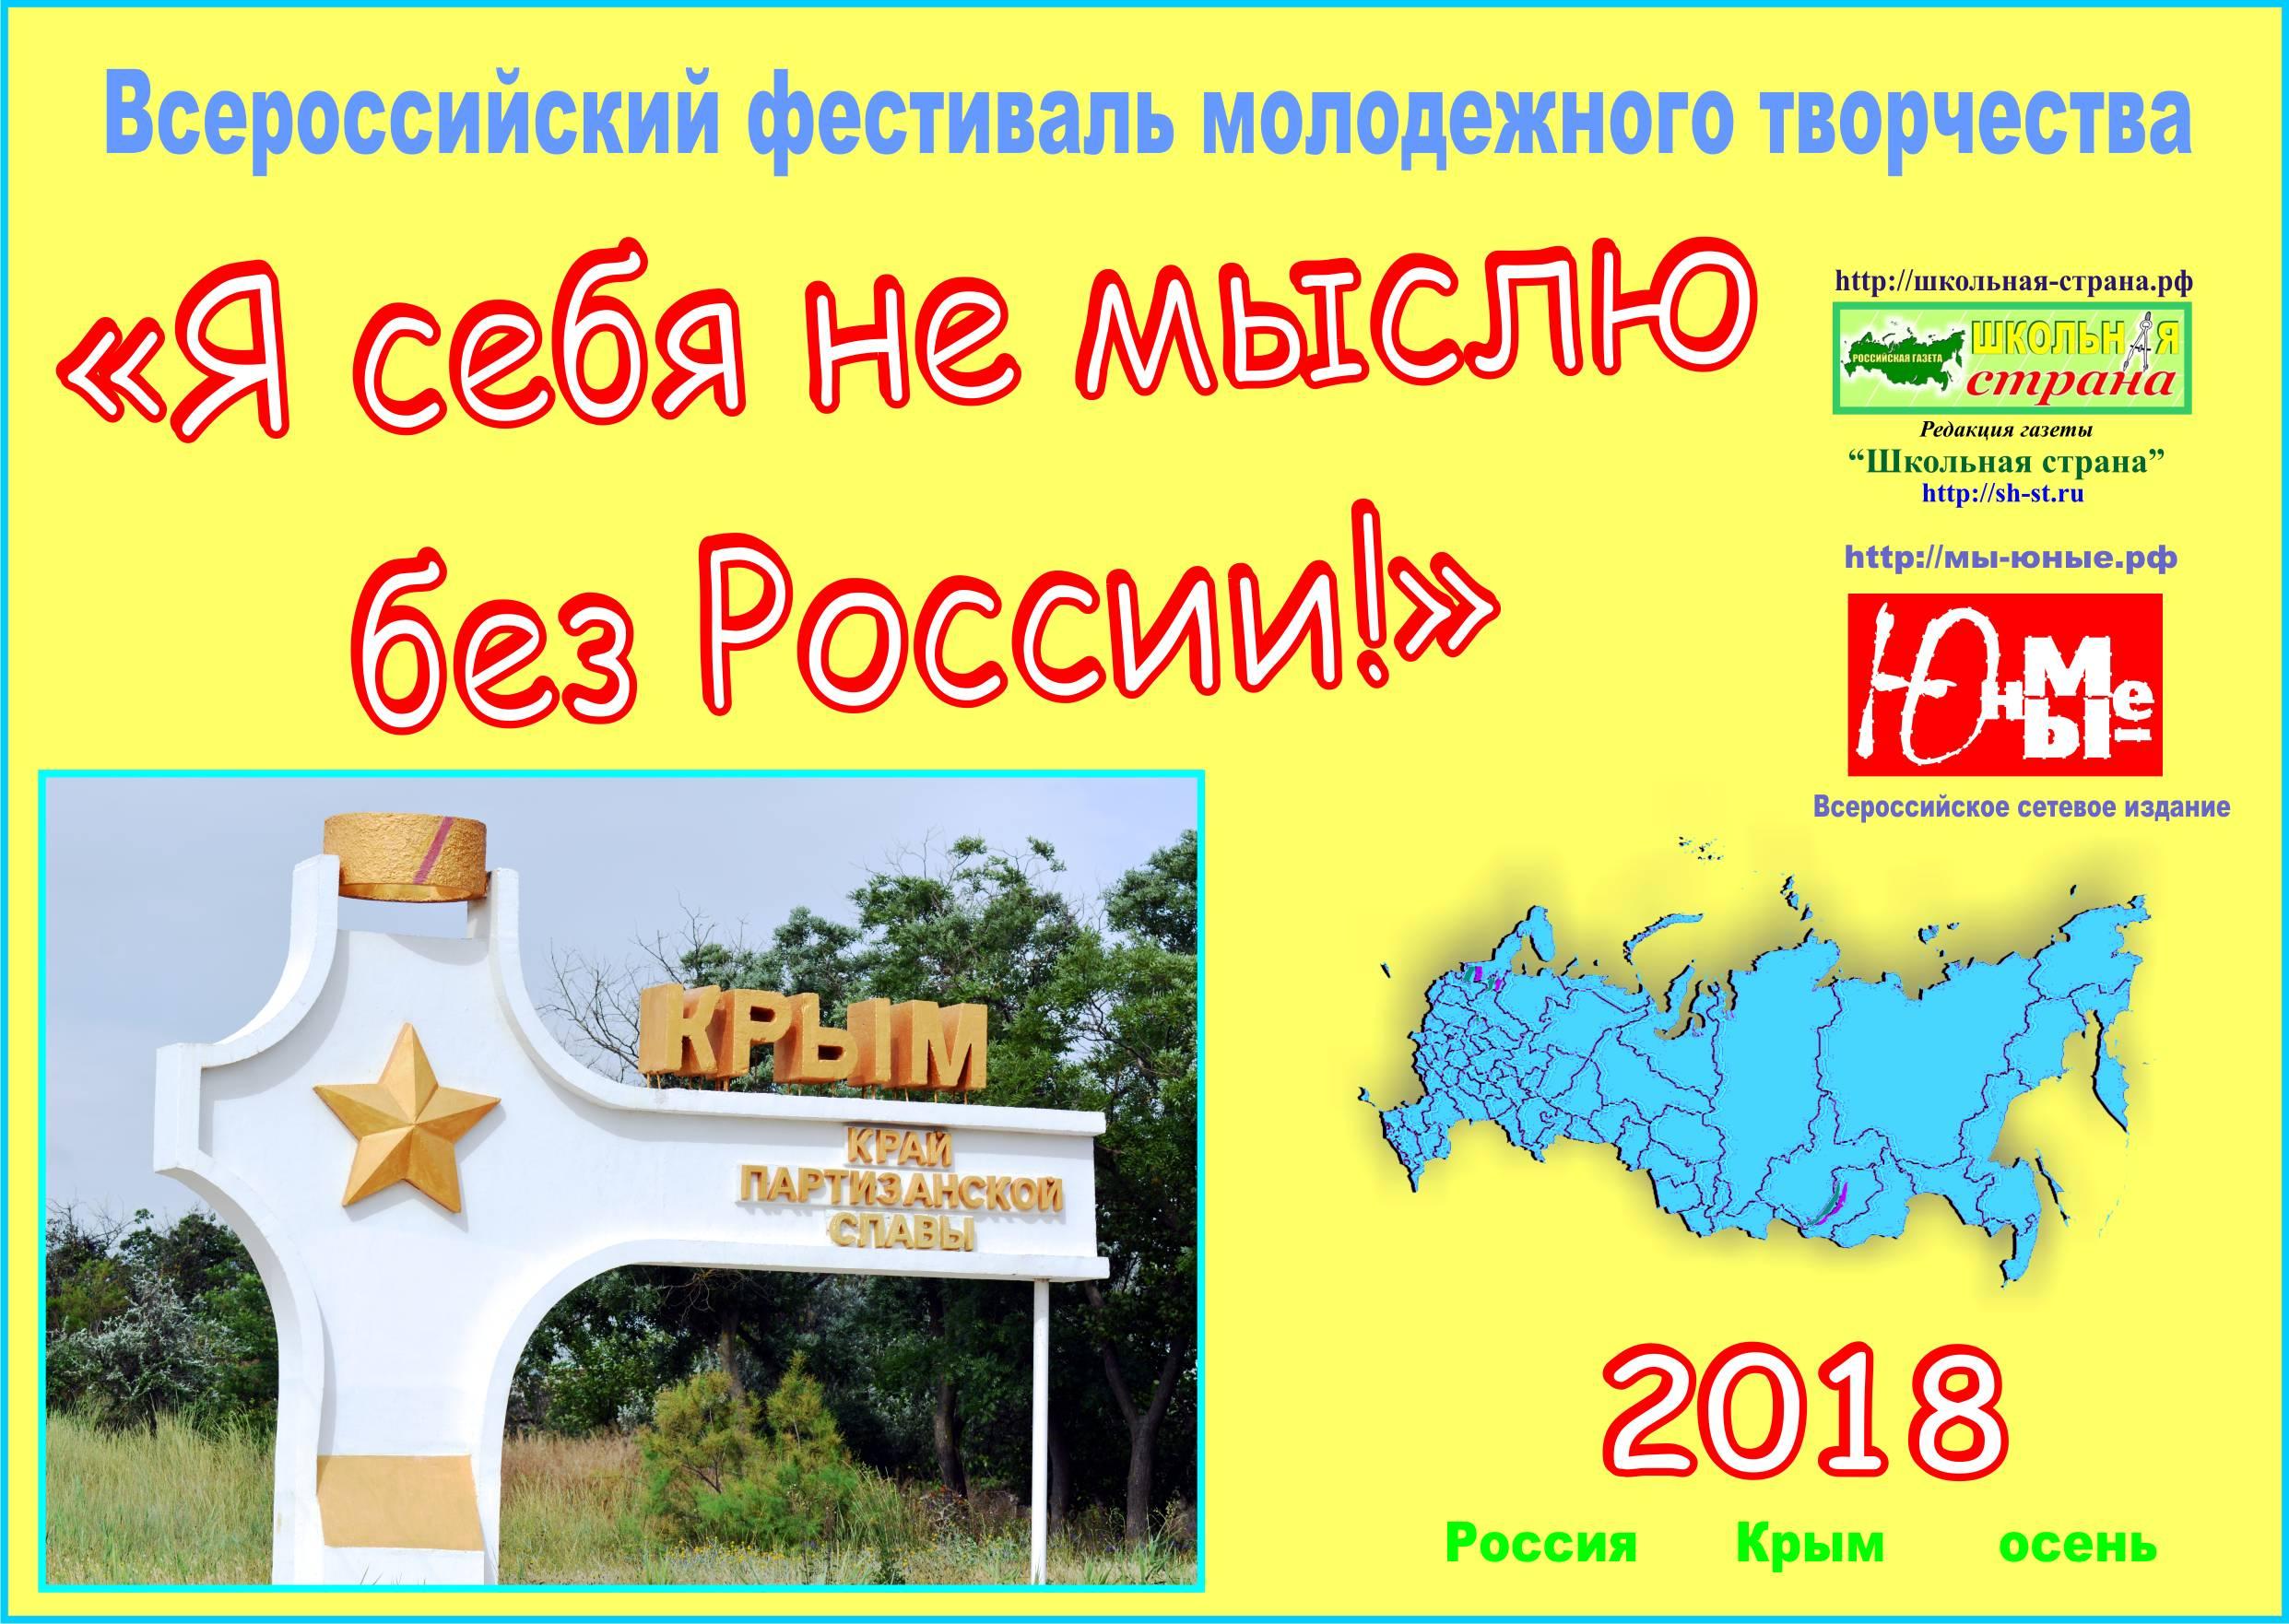 Всероссийский фестиваль молодежного творчества «Я себя не мыслю без России!» 2018